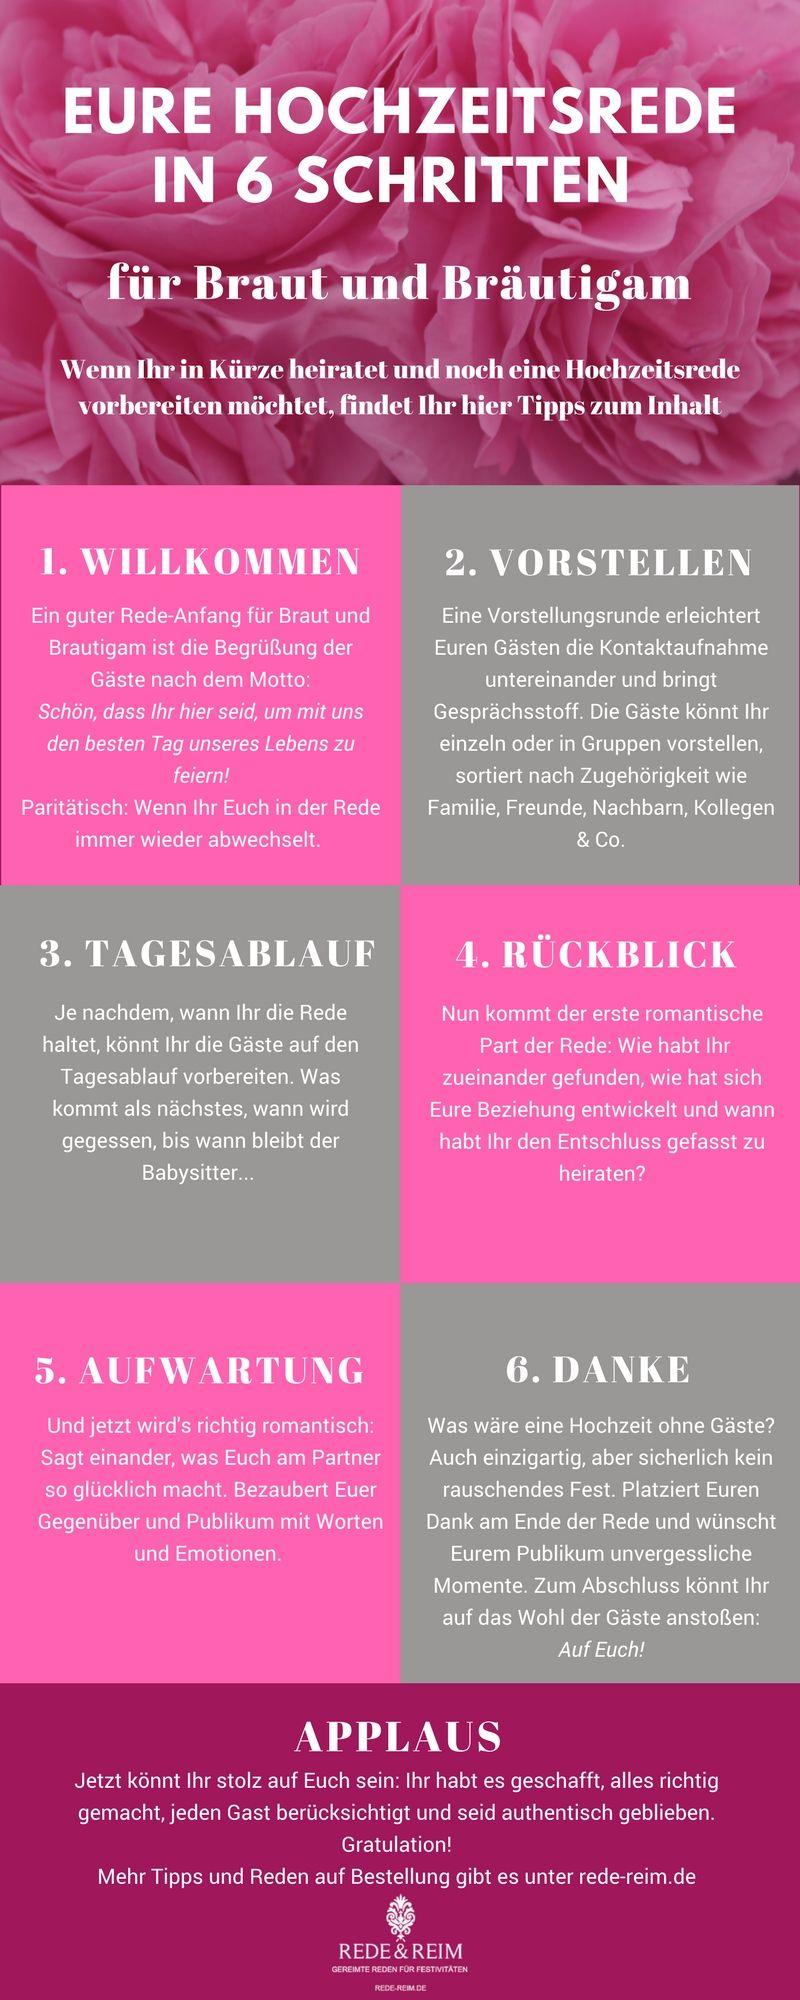 Hochzeitsrede Für Braut Und Bräutigam In 6 Schritten